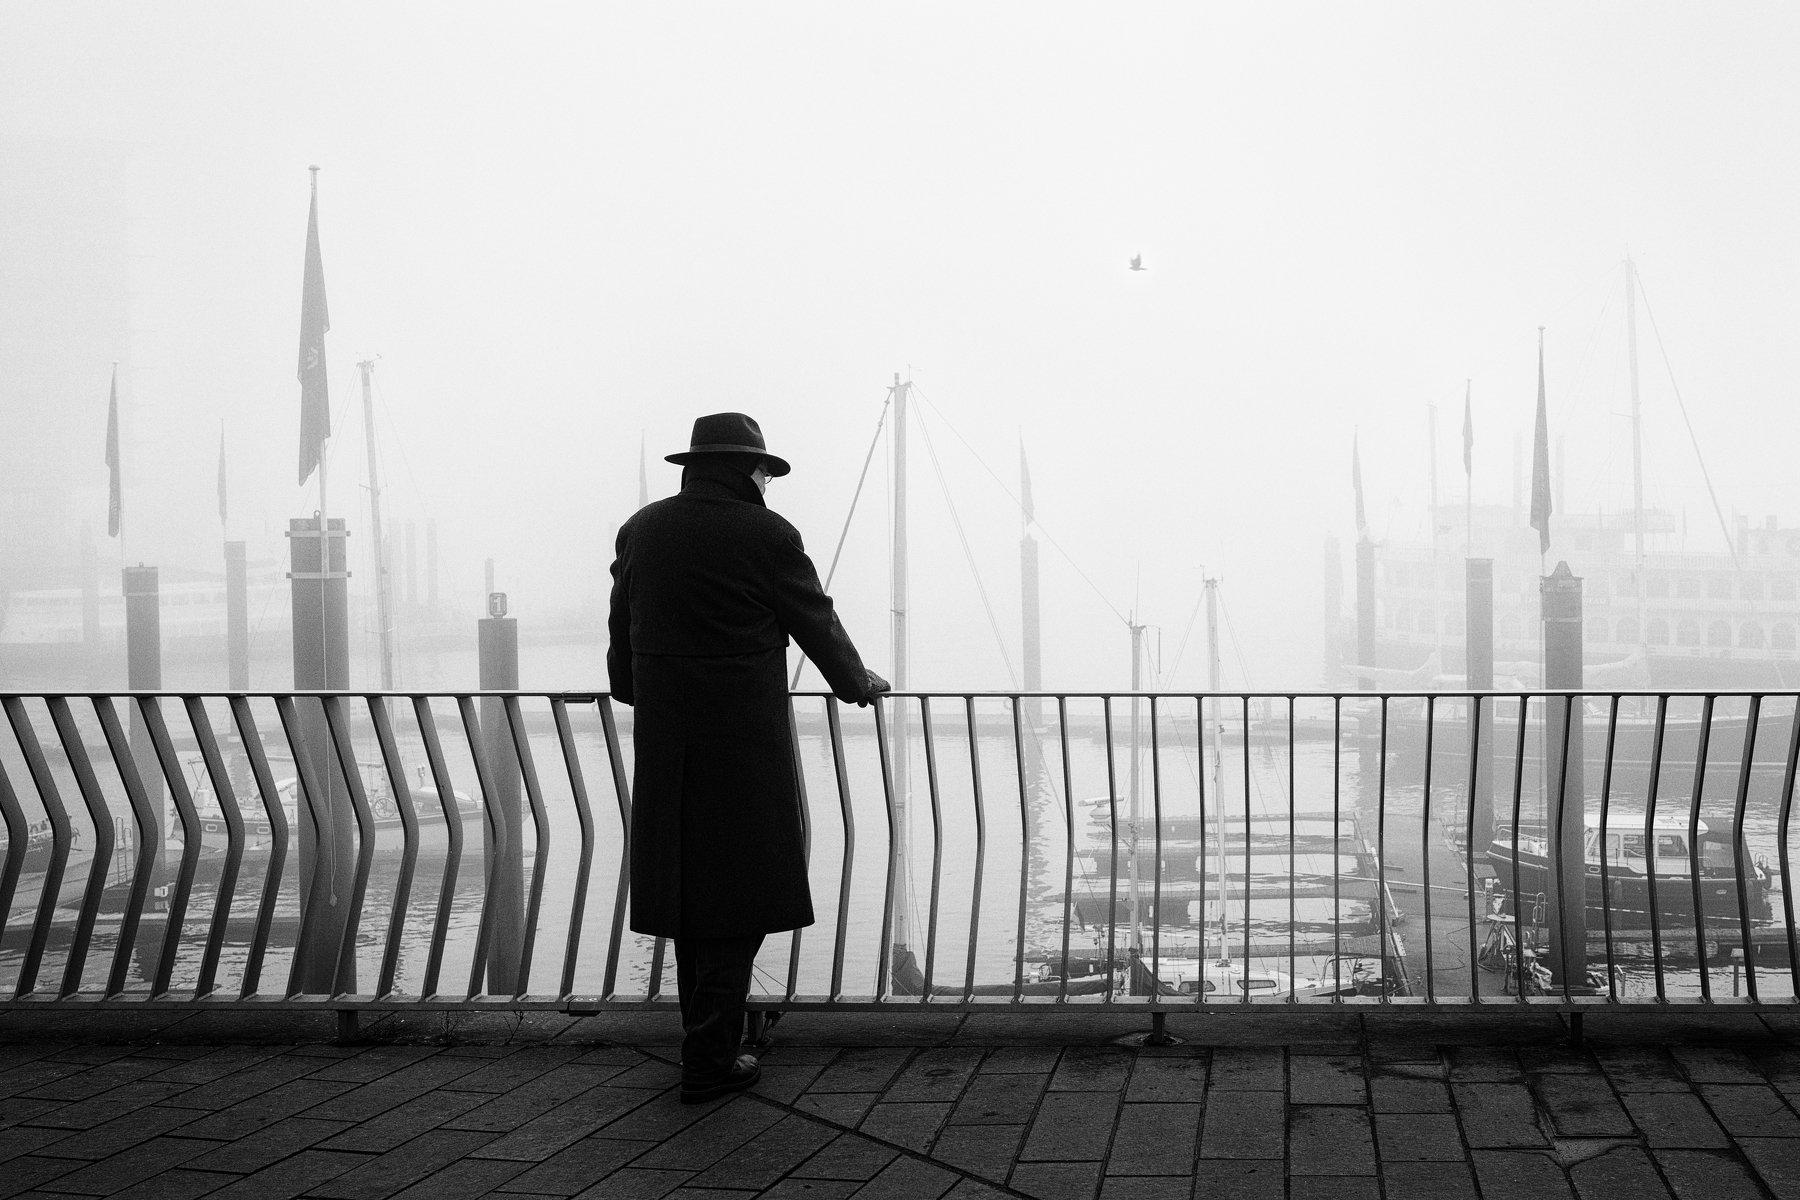 hamburg, street, person, urban, fog, mist, haze, harbour, hat, Schönberg Alexander